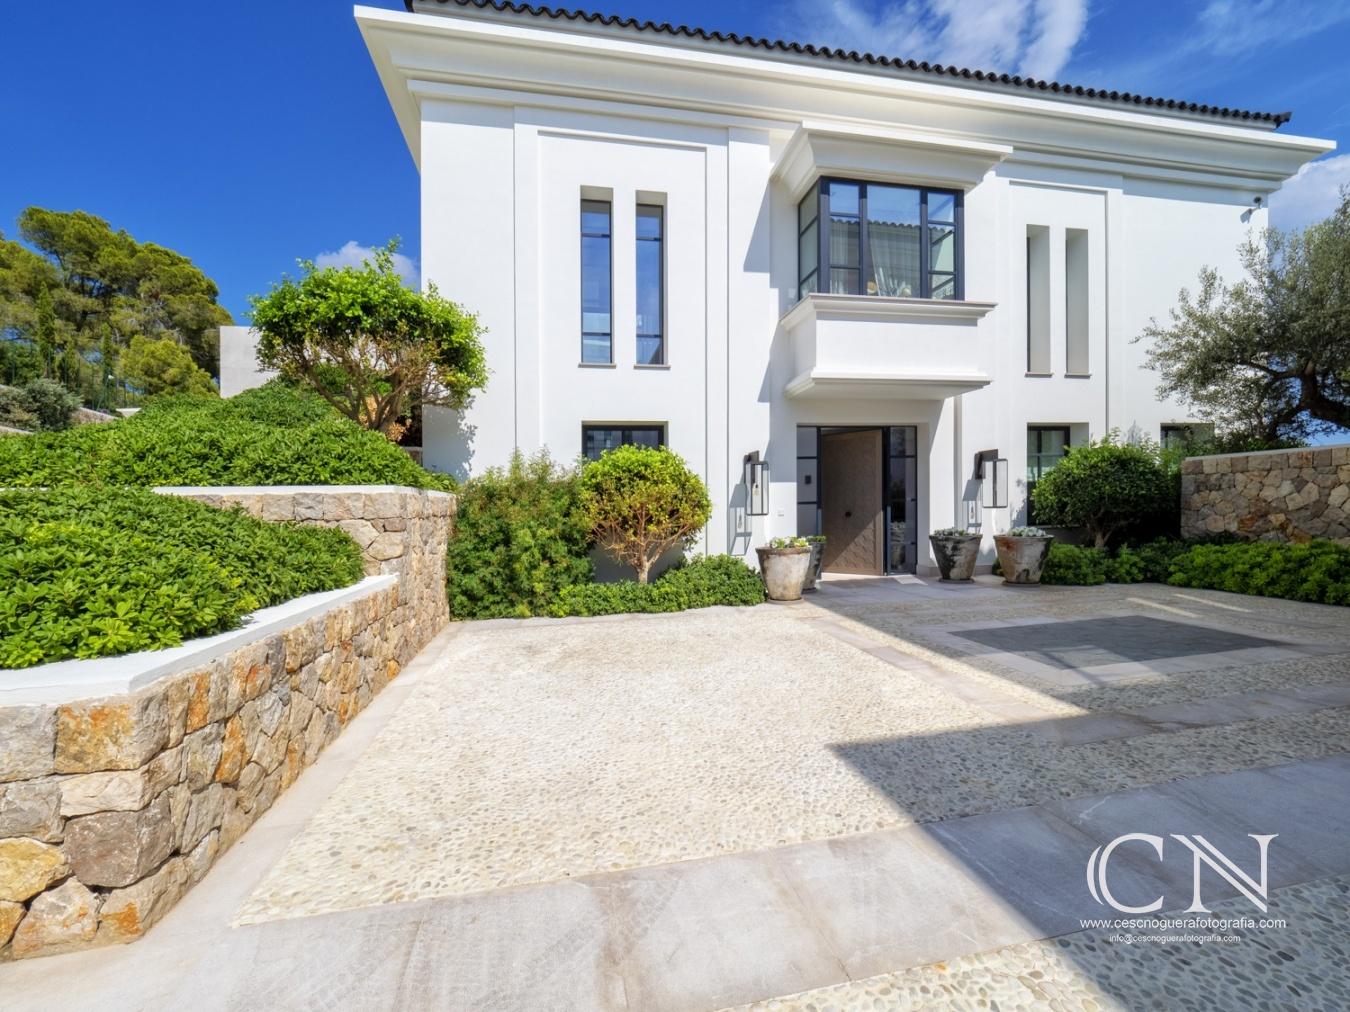 Casa en Mont-Port   - Cesc Noguera Fotografia,  Architectural & Interior design photographer / Landscape Photography.